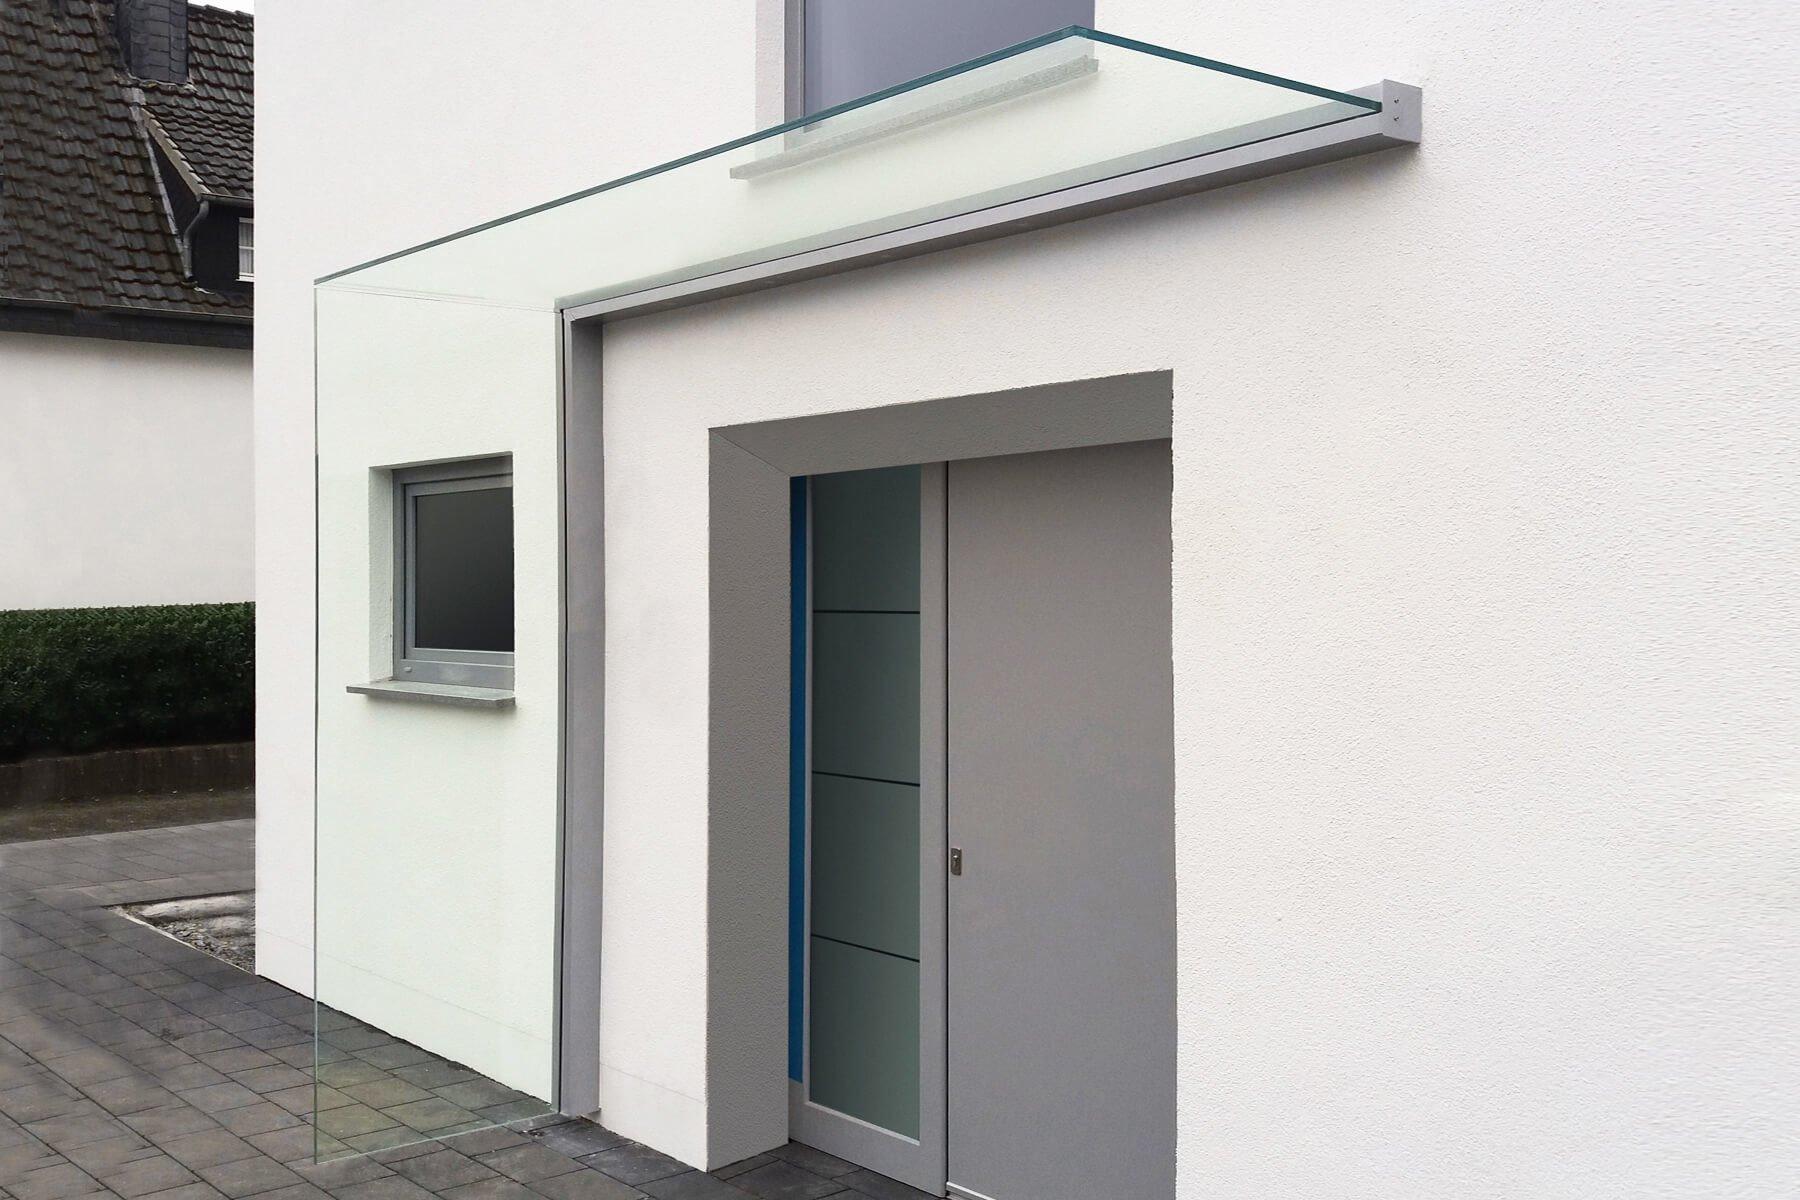 Seitenwindschutz Seitensichtschutz Blend aus Glas maximale Verarbeitungsqualität und Materialien